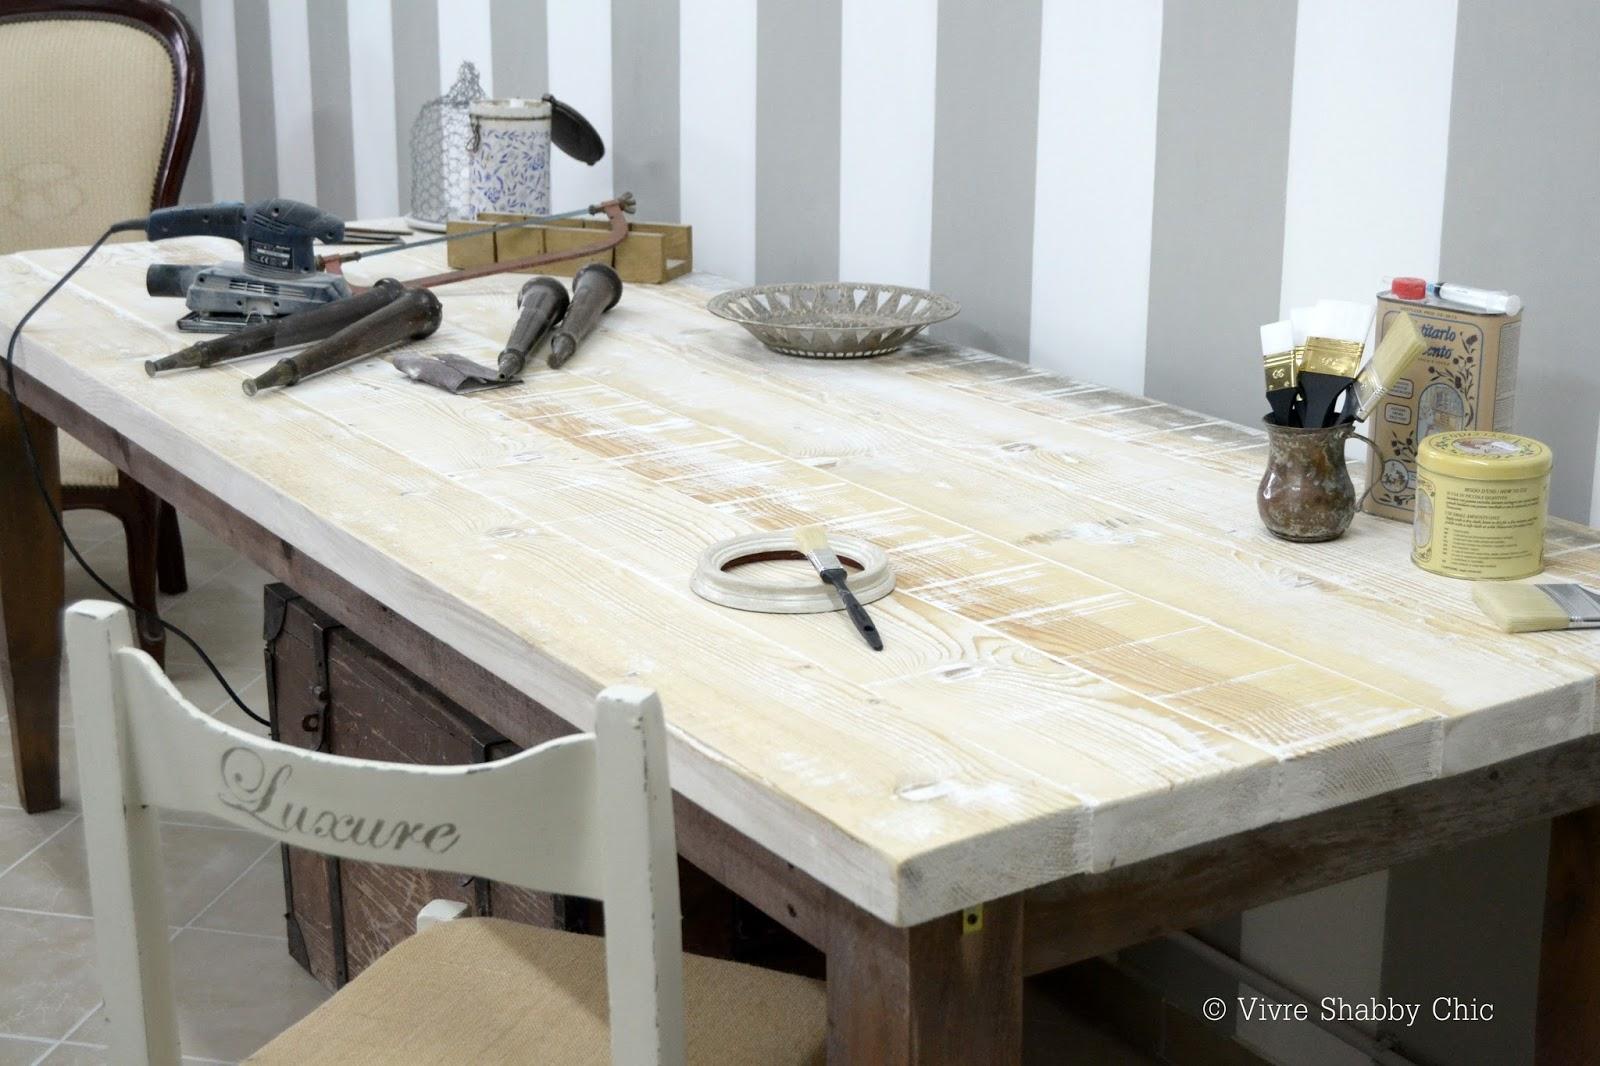 Tavolo Da Pranzo Shabby Chic : Tavolo shabby chic rotondo: tavolo shabby mobili e accessori per la